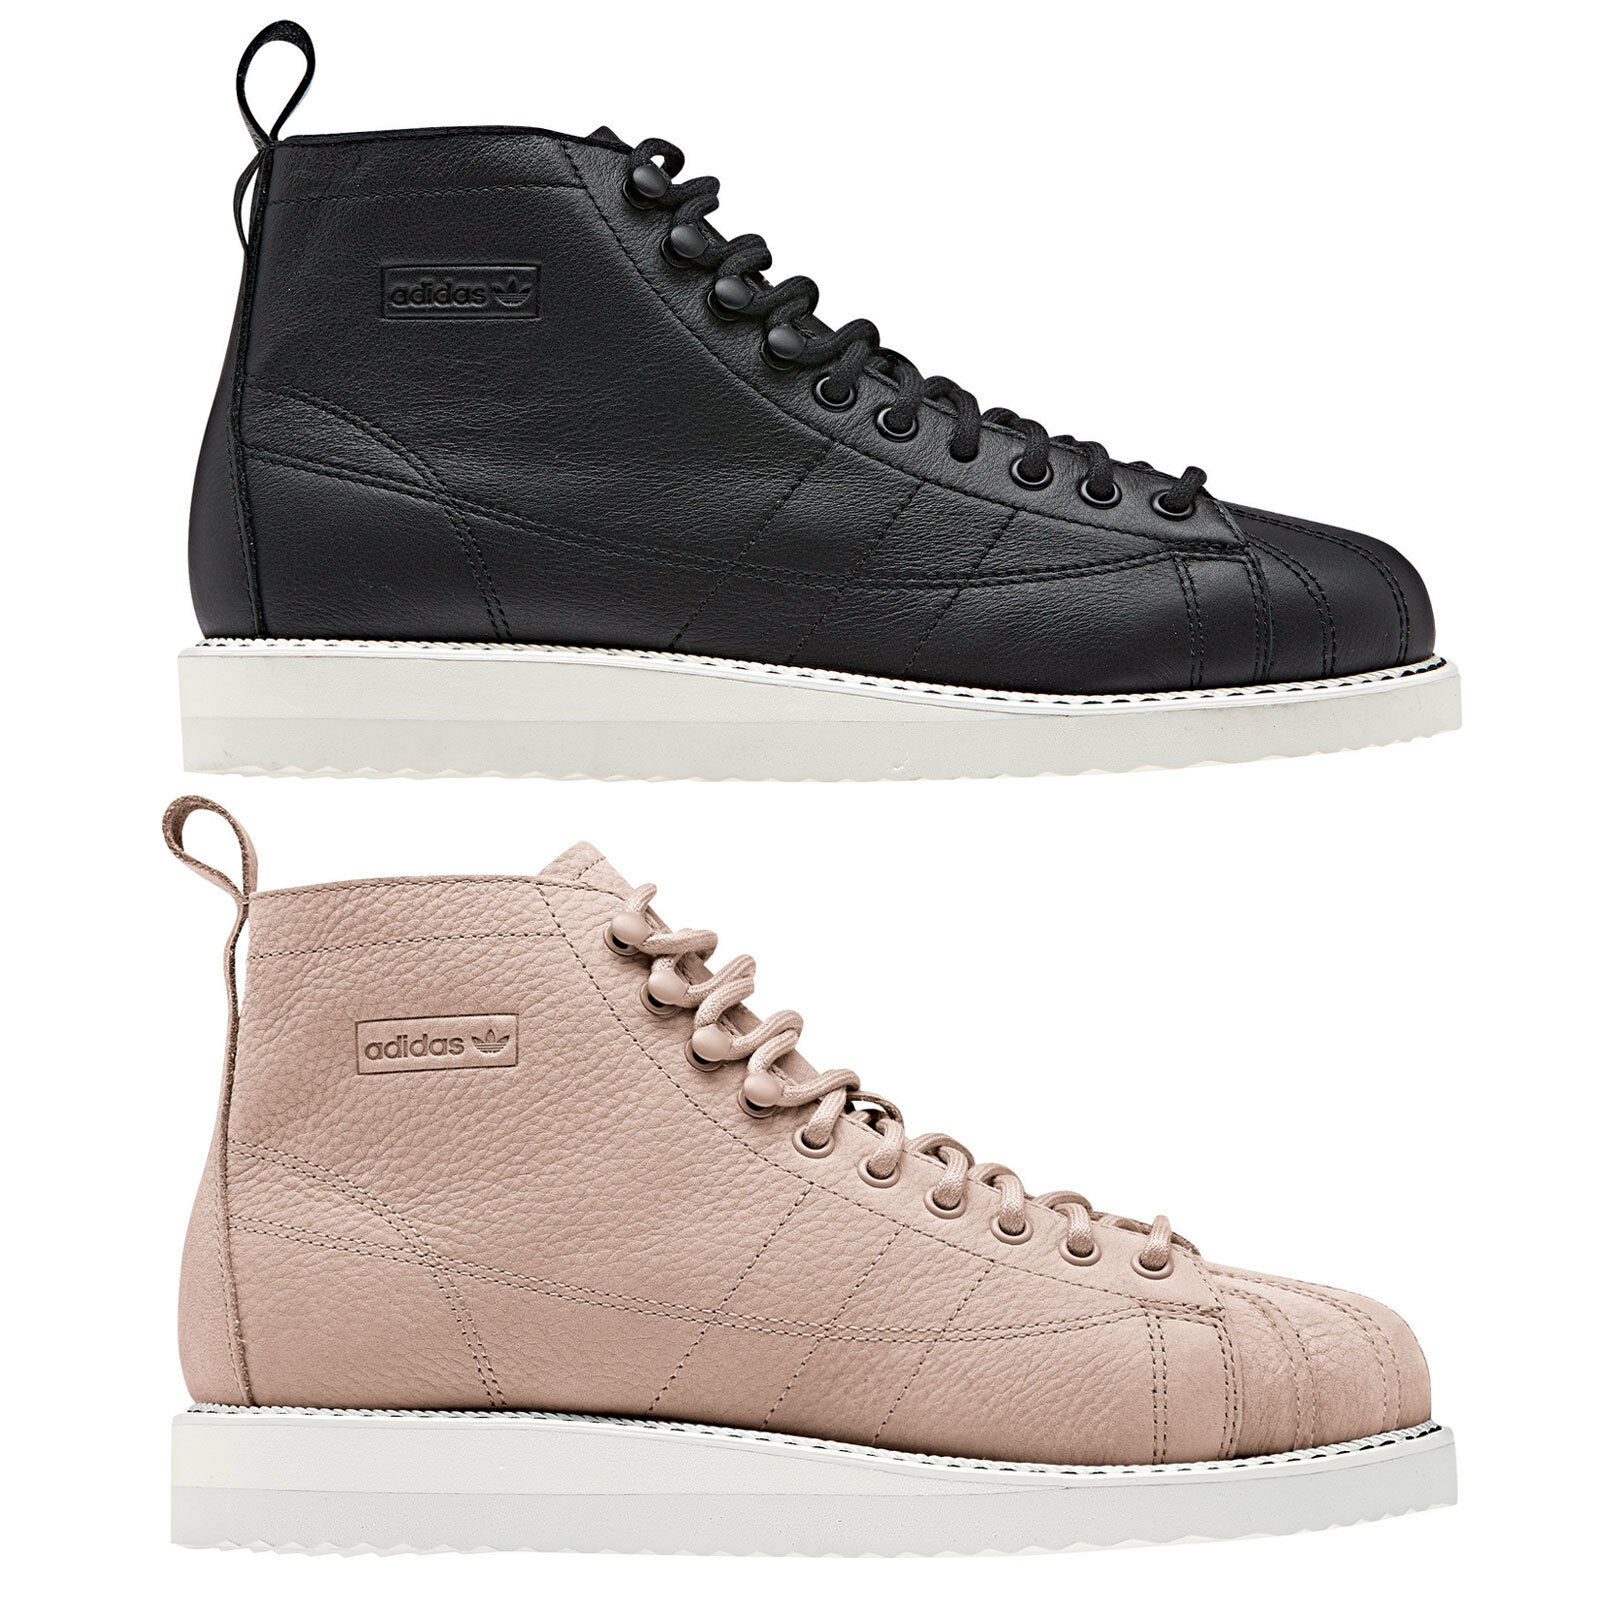 Adidas Originals Superstar Stiefel Damen Winterschuhe WinterStiefel Schnürschuhe NEU